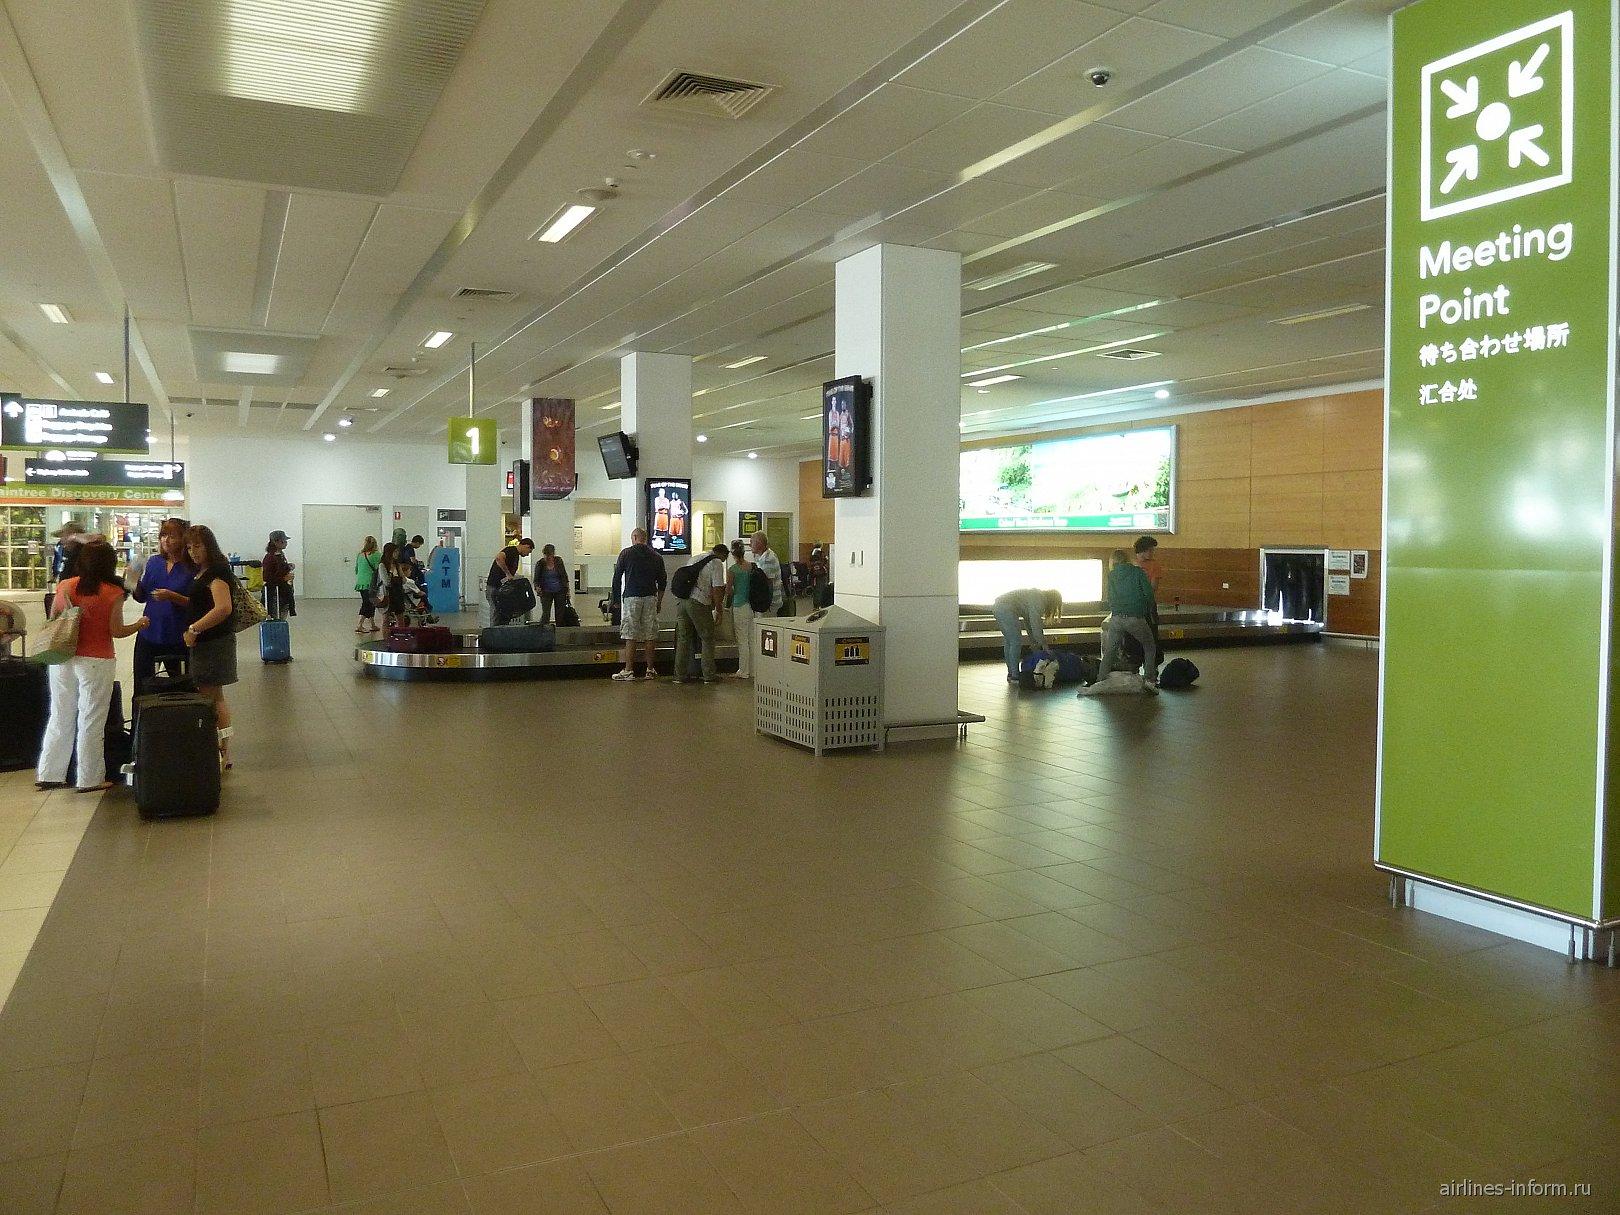 Зал выдачи багажа в аэропорту Кэрнс